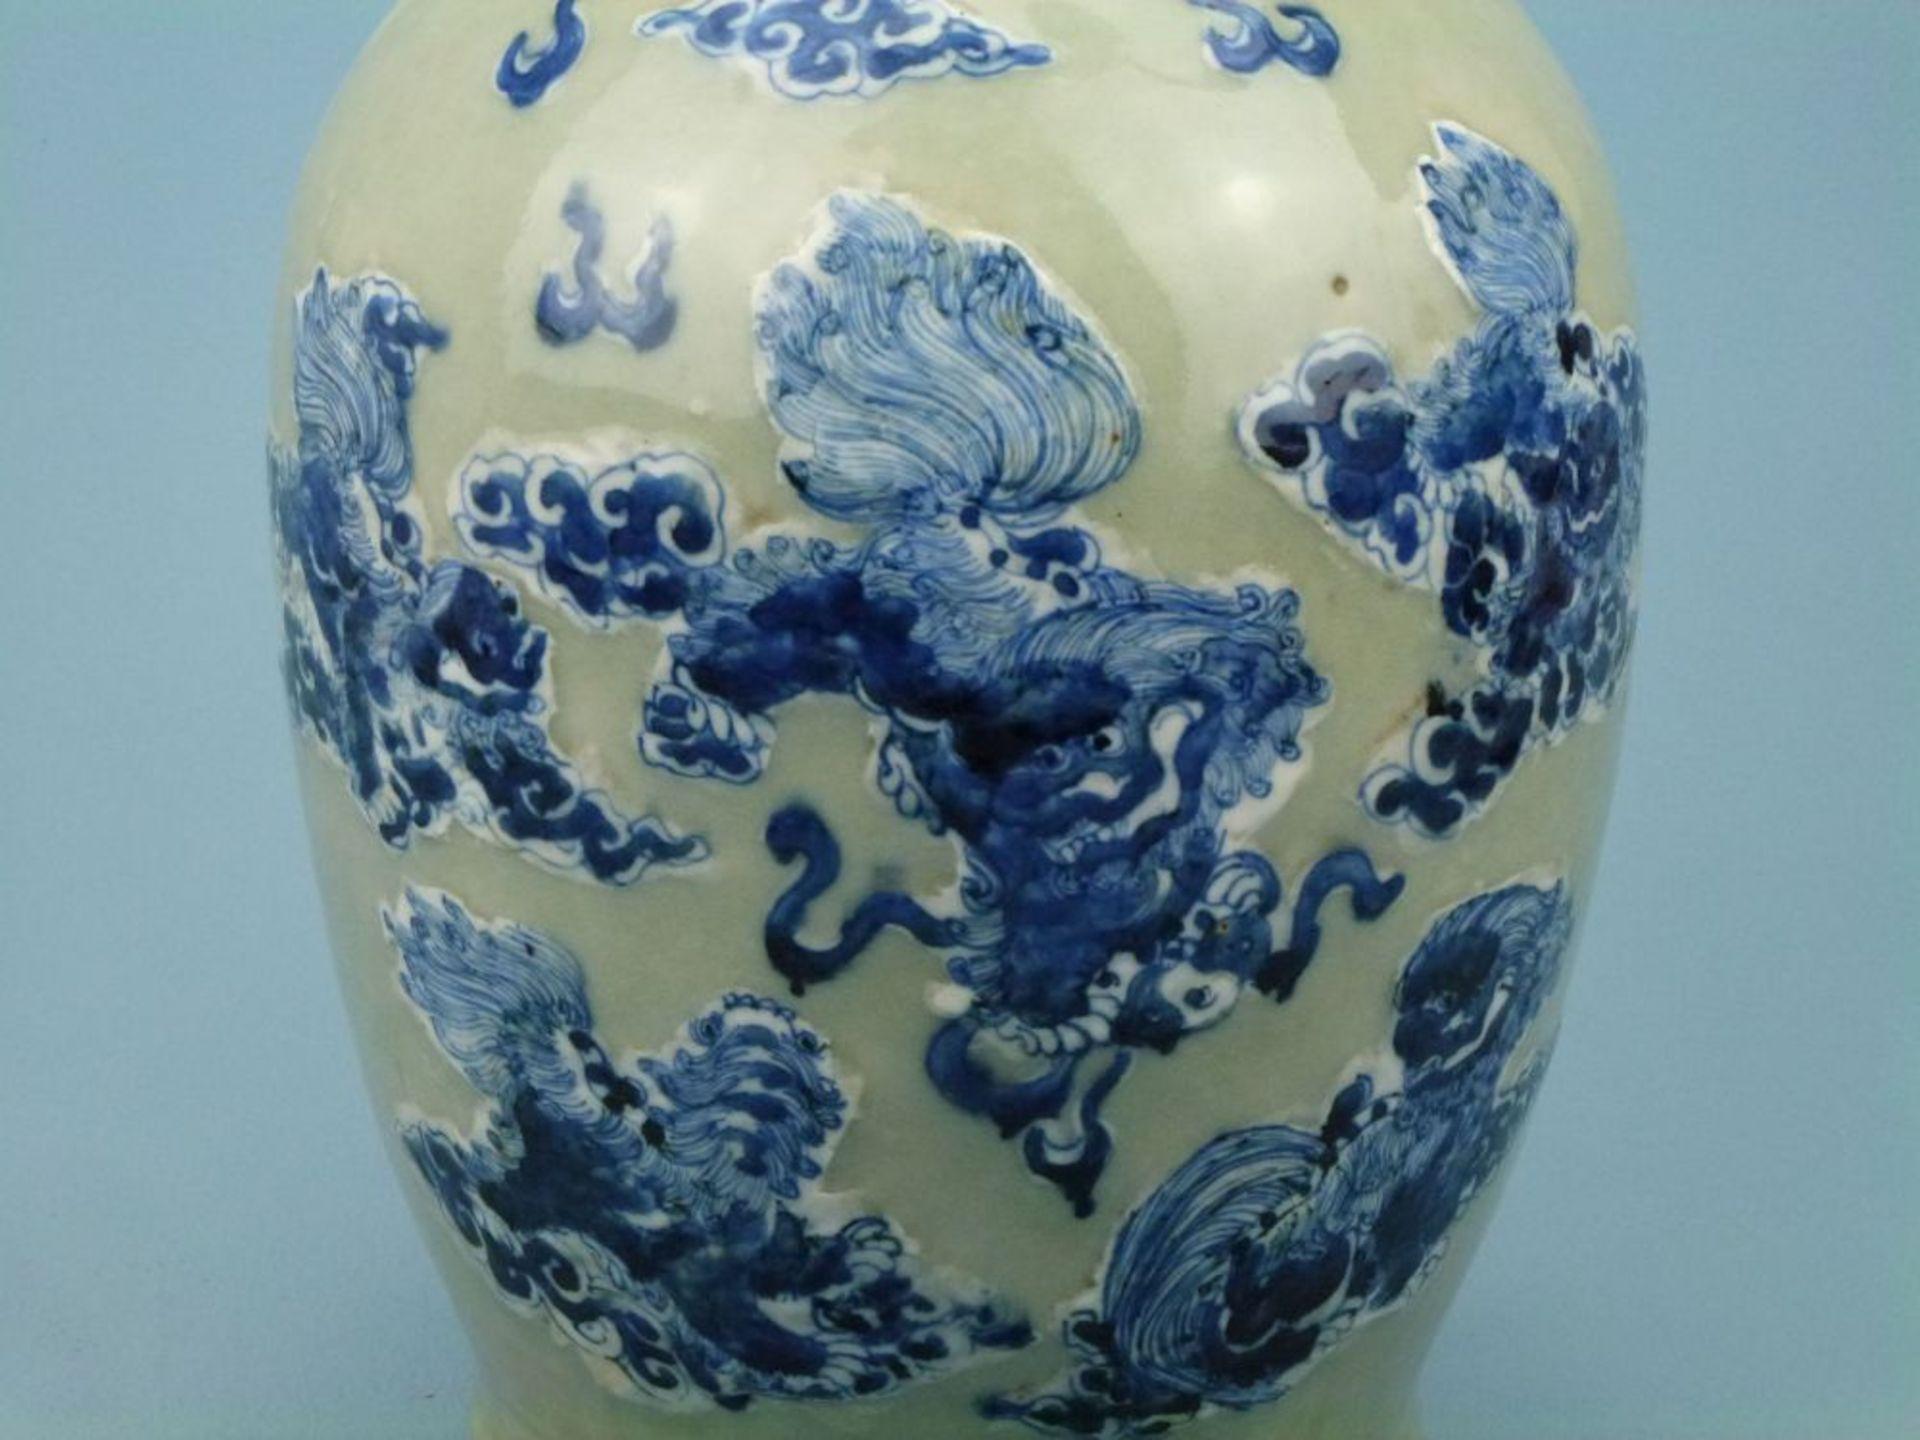 Bodenvase, Asienovoid, Trompetenkragen, Seladon, leicht reliefierte Blaumalerei-Drachen, Löwen- - Bild 2 aus 3